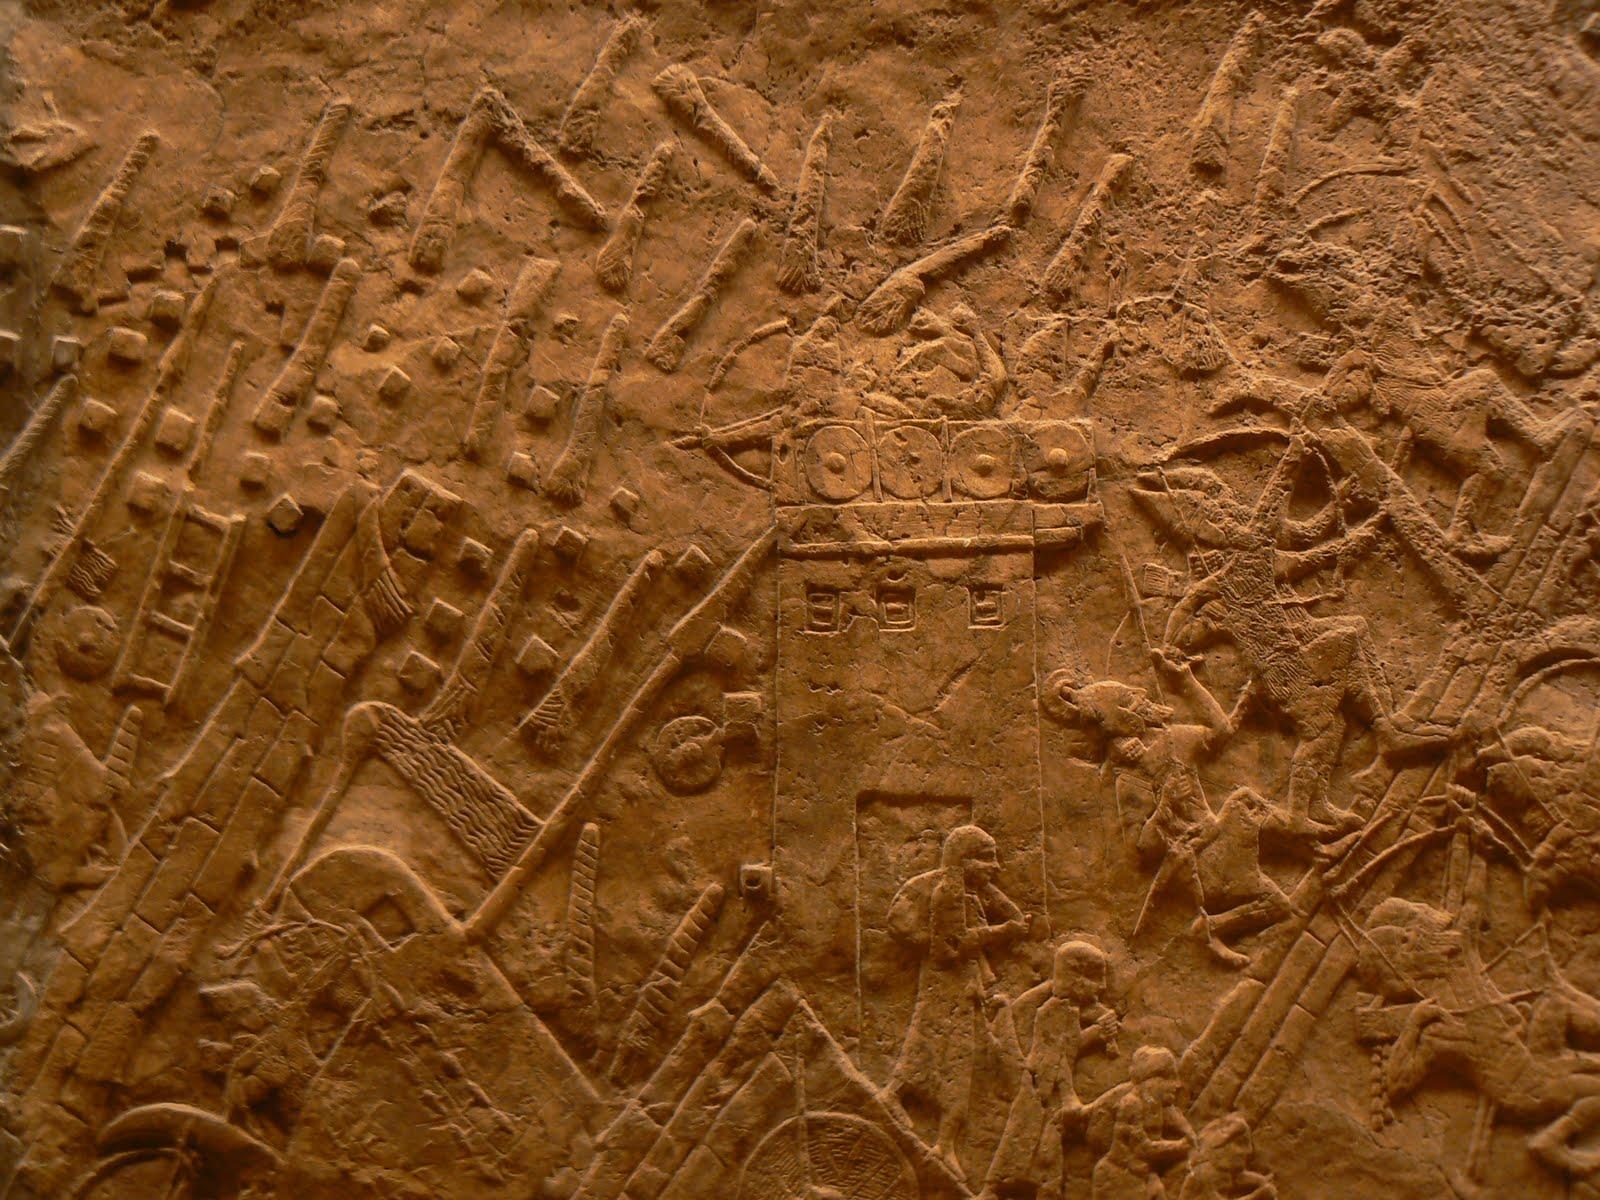 聖經考古: 亞述王攻打希西家